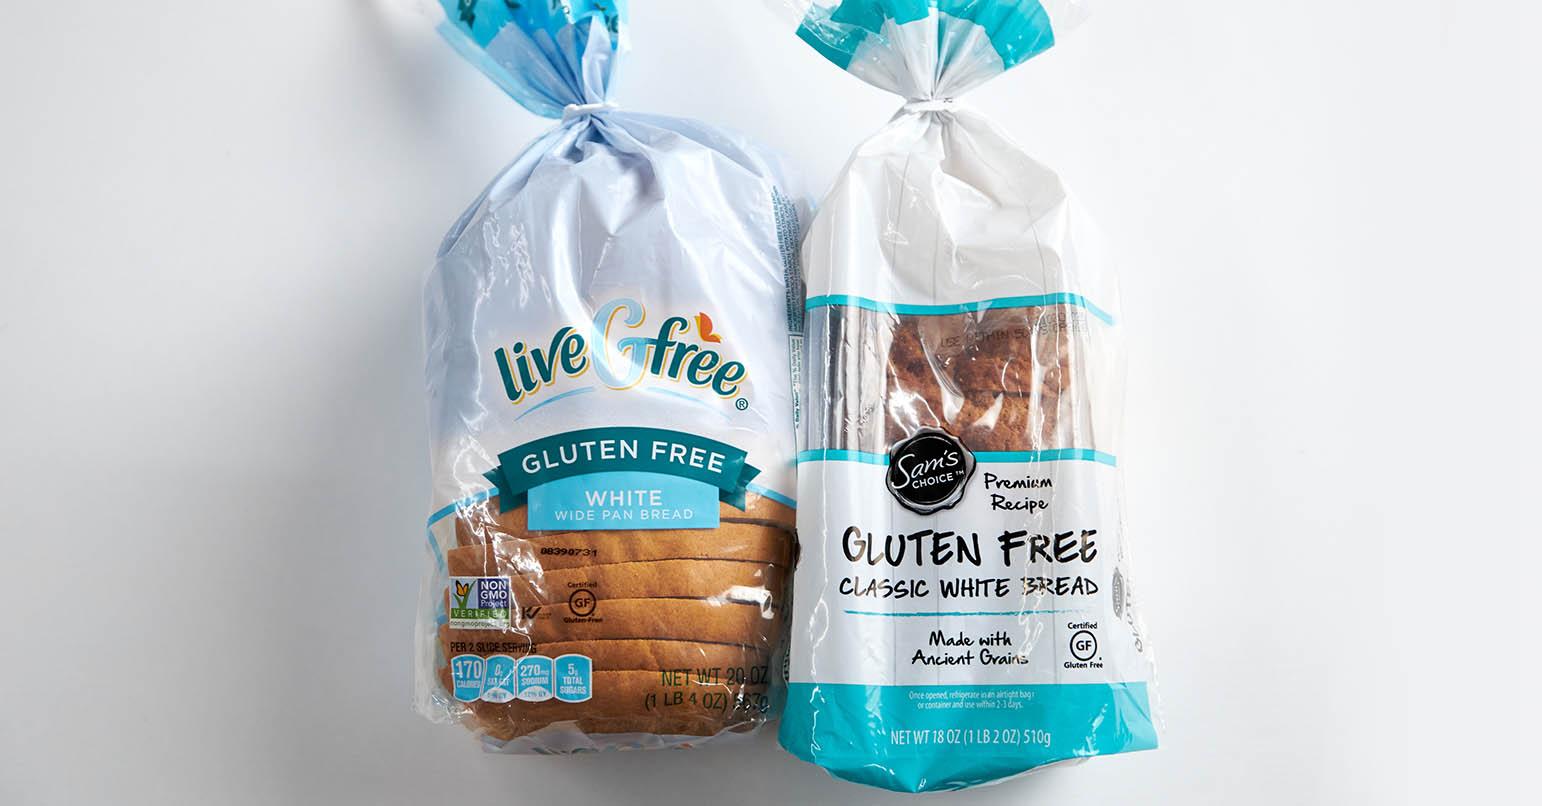 Aldi vs Walmart Gluten Free Bread